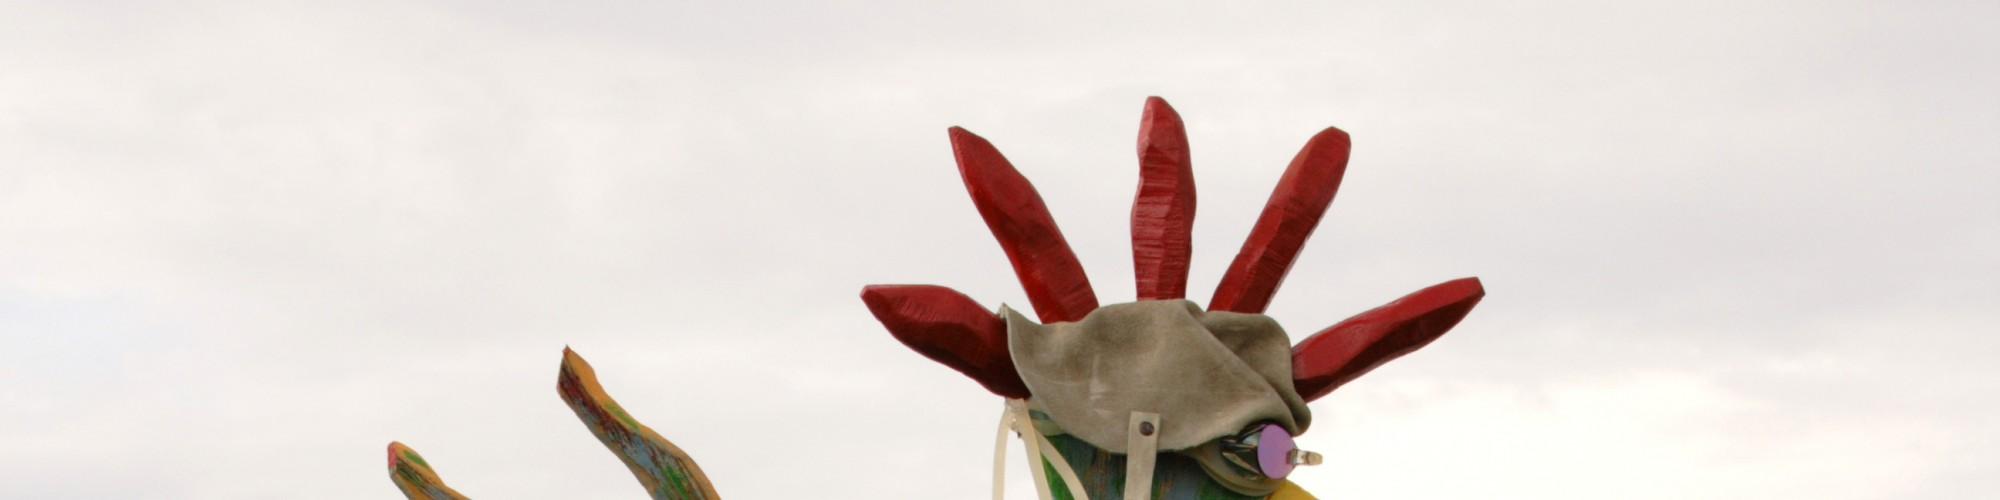 Sculpture, festival art populaire, St-Ulric